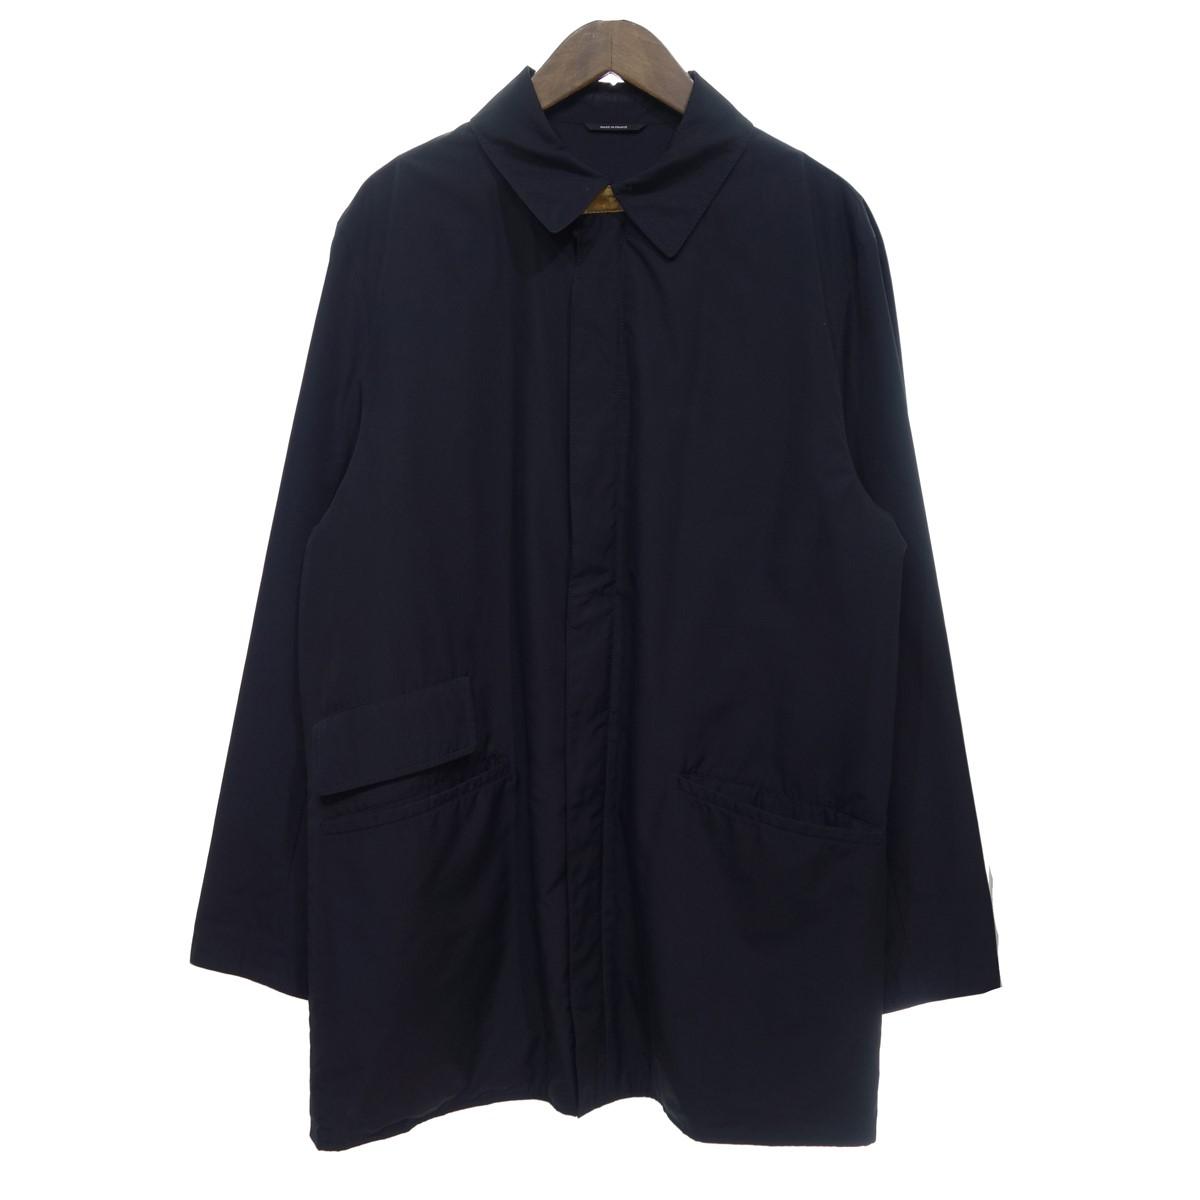 【中古】HERMES ジップアップ コート ブラック サイズ:50 【040420】(エルメス)